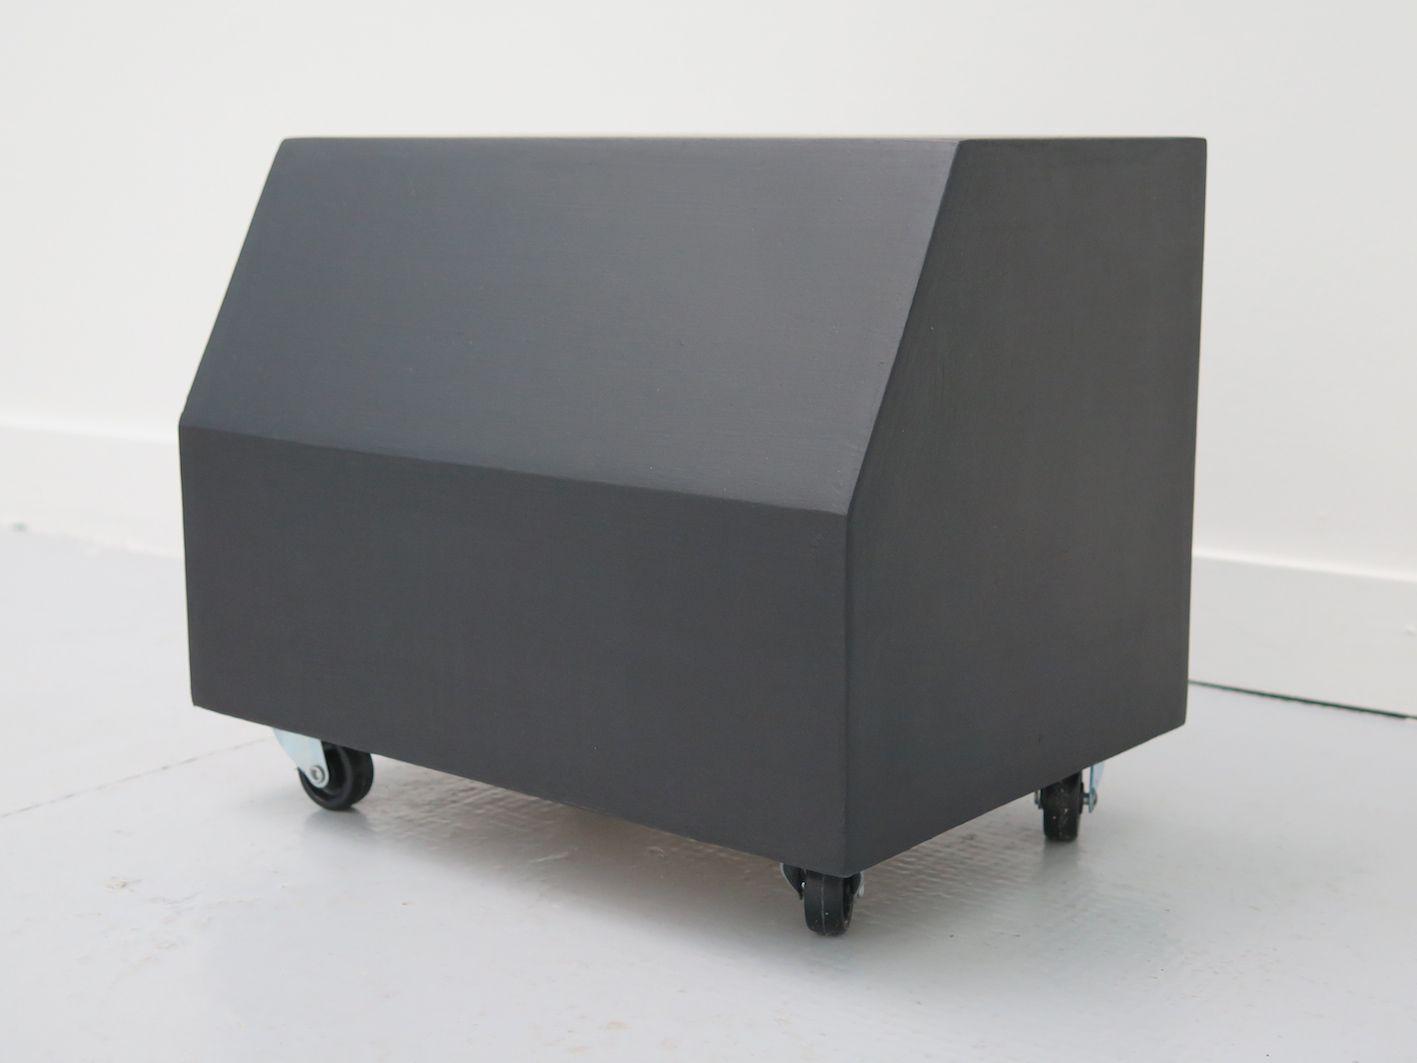 gilles-elie-atelier-mobile-2-2016-bois-peinture-acrylique-roulettes-25x60x25-cm-aa173c45c9305bb186ca067647502fa5